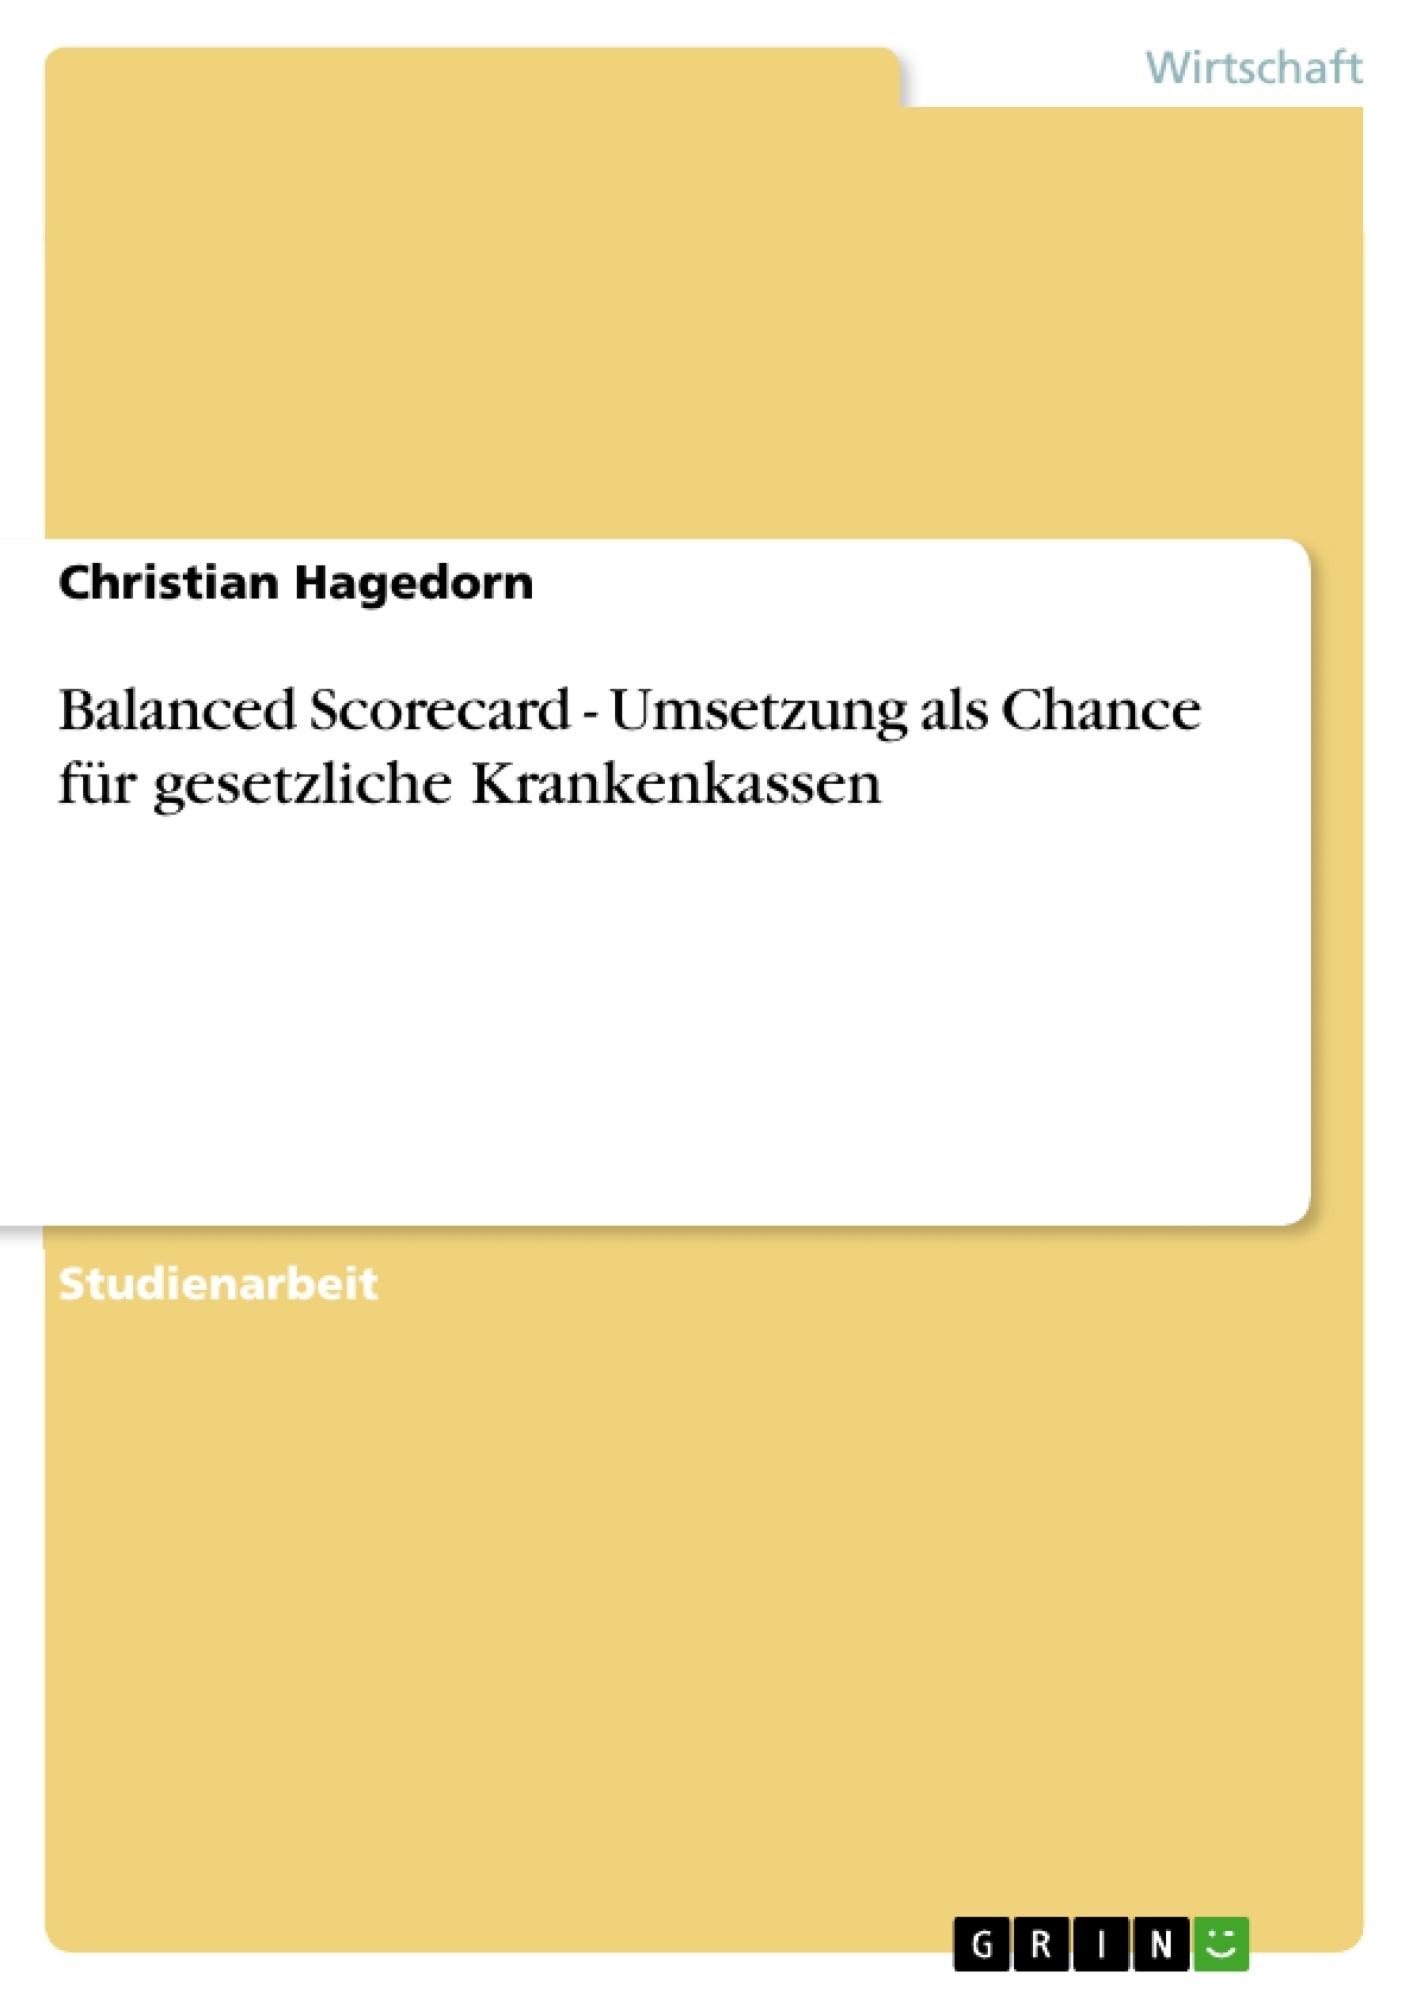 Titel: Balanced Scorecard - Umsetzung als Chance für gesetzliche Krankenkassen